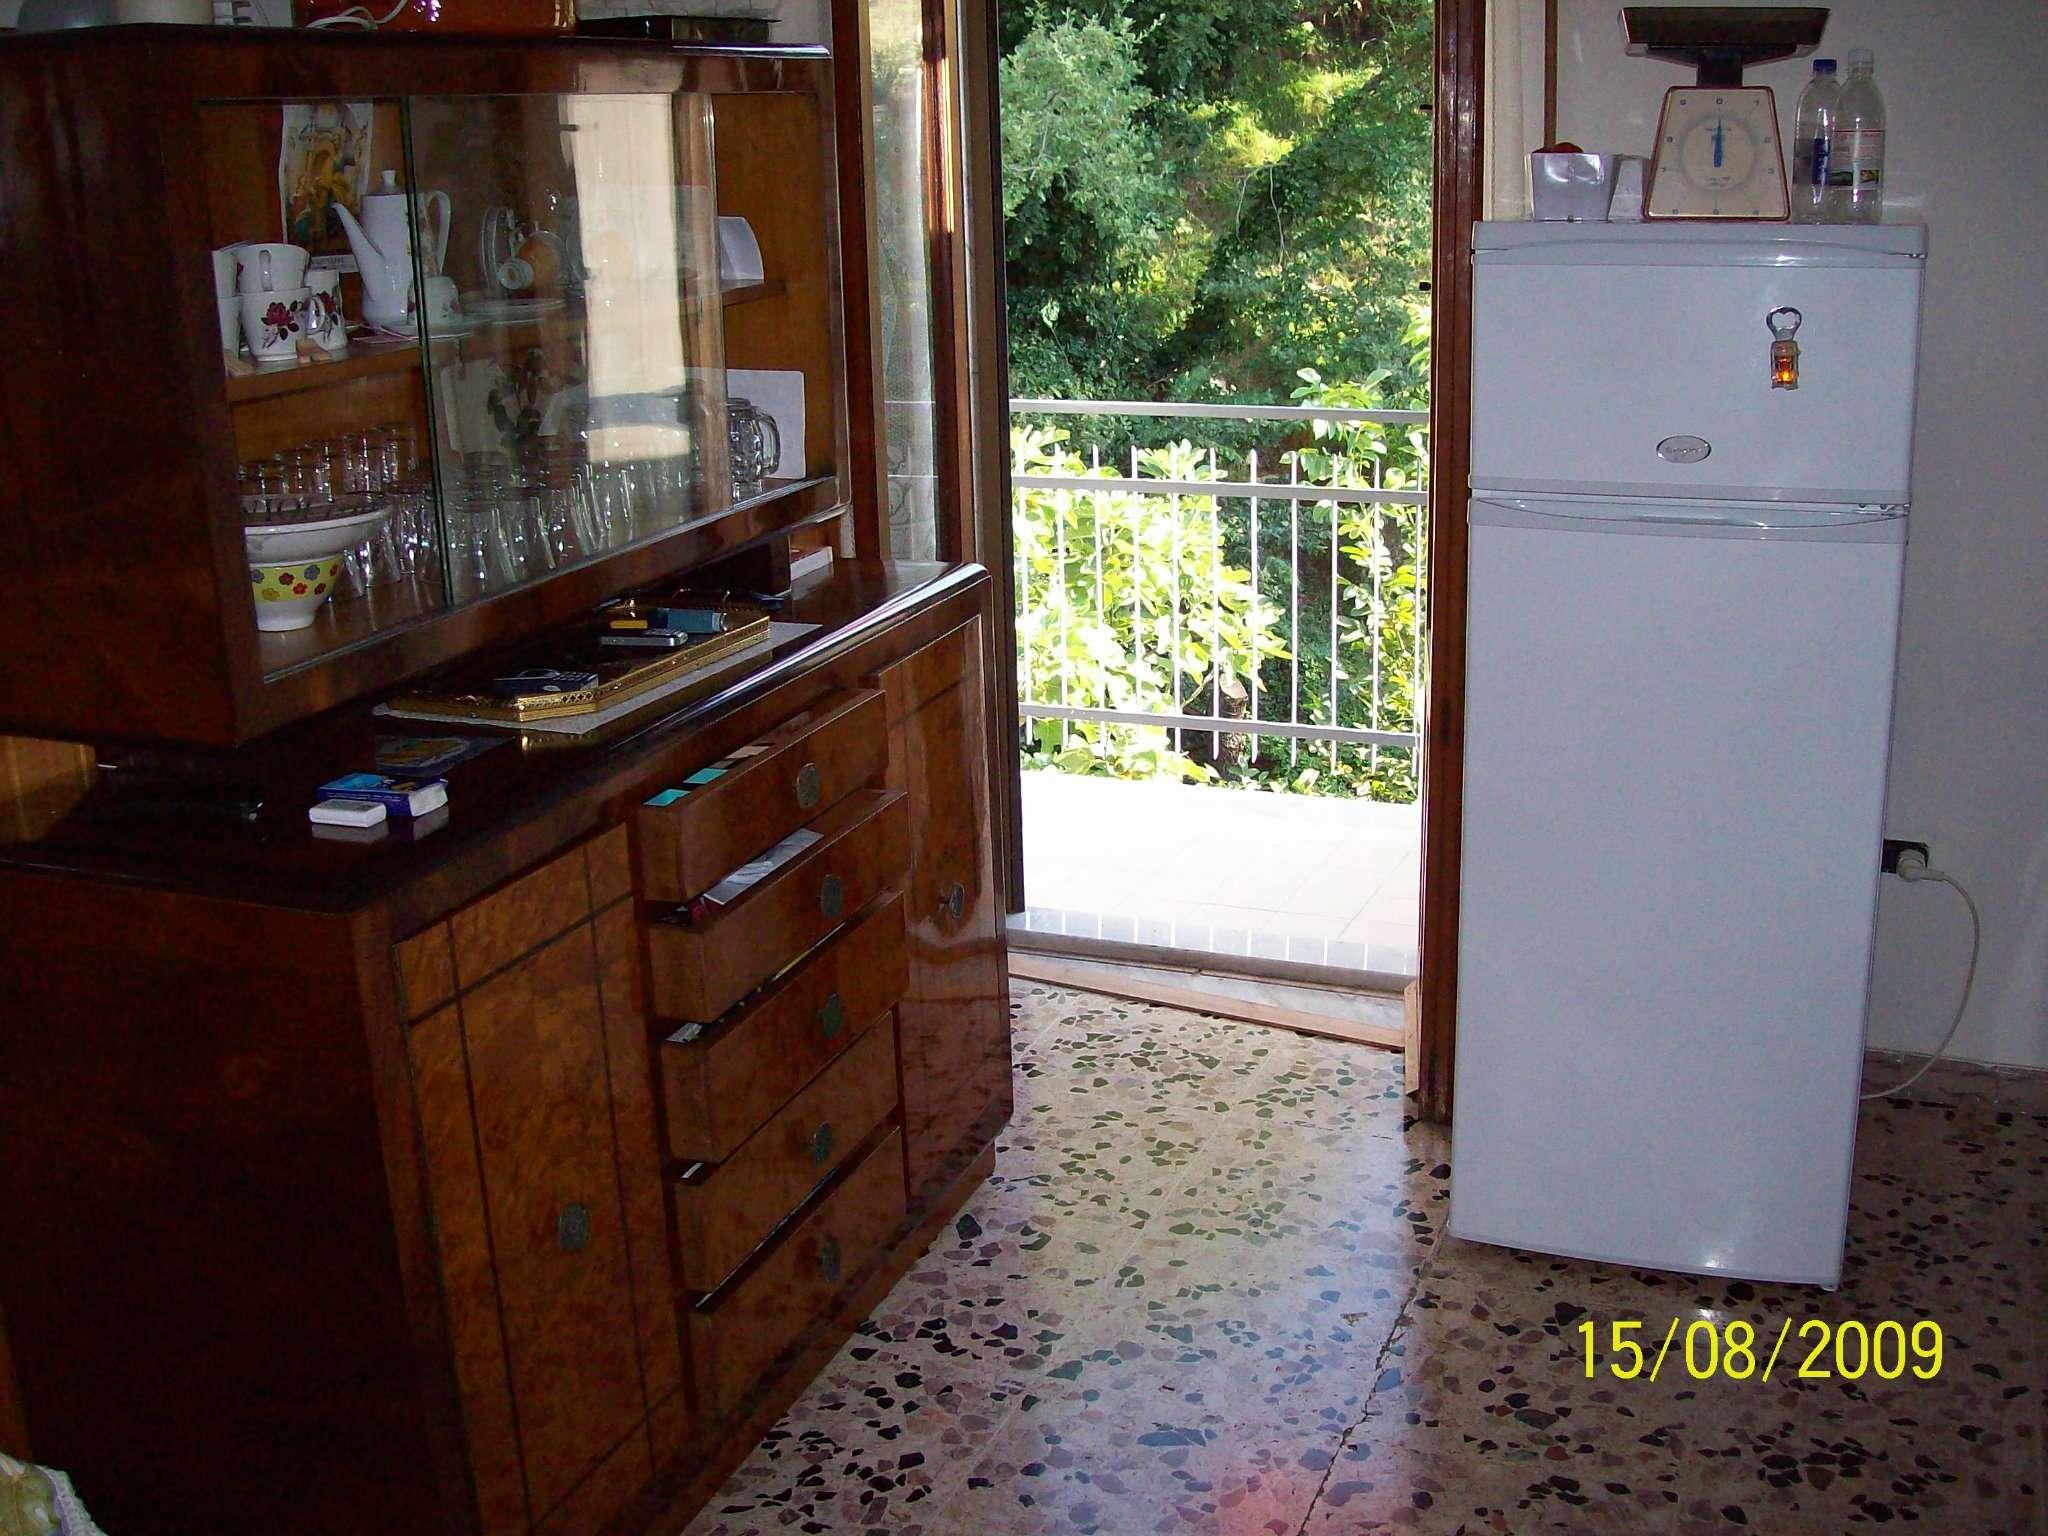 Appartamento in vendita a Amato, 3 locali, prezzo € 17.000 | CambioCasa.it